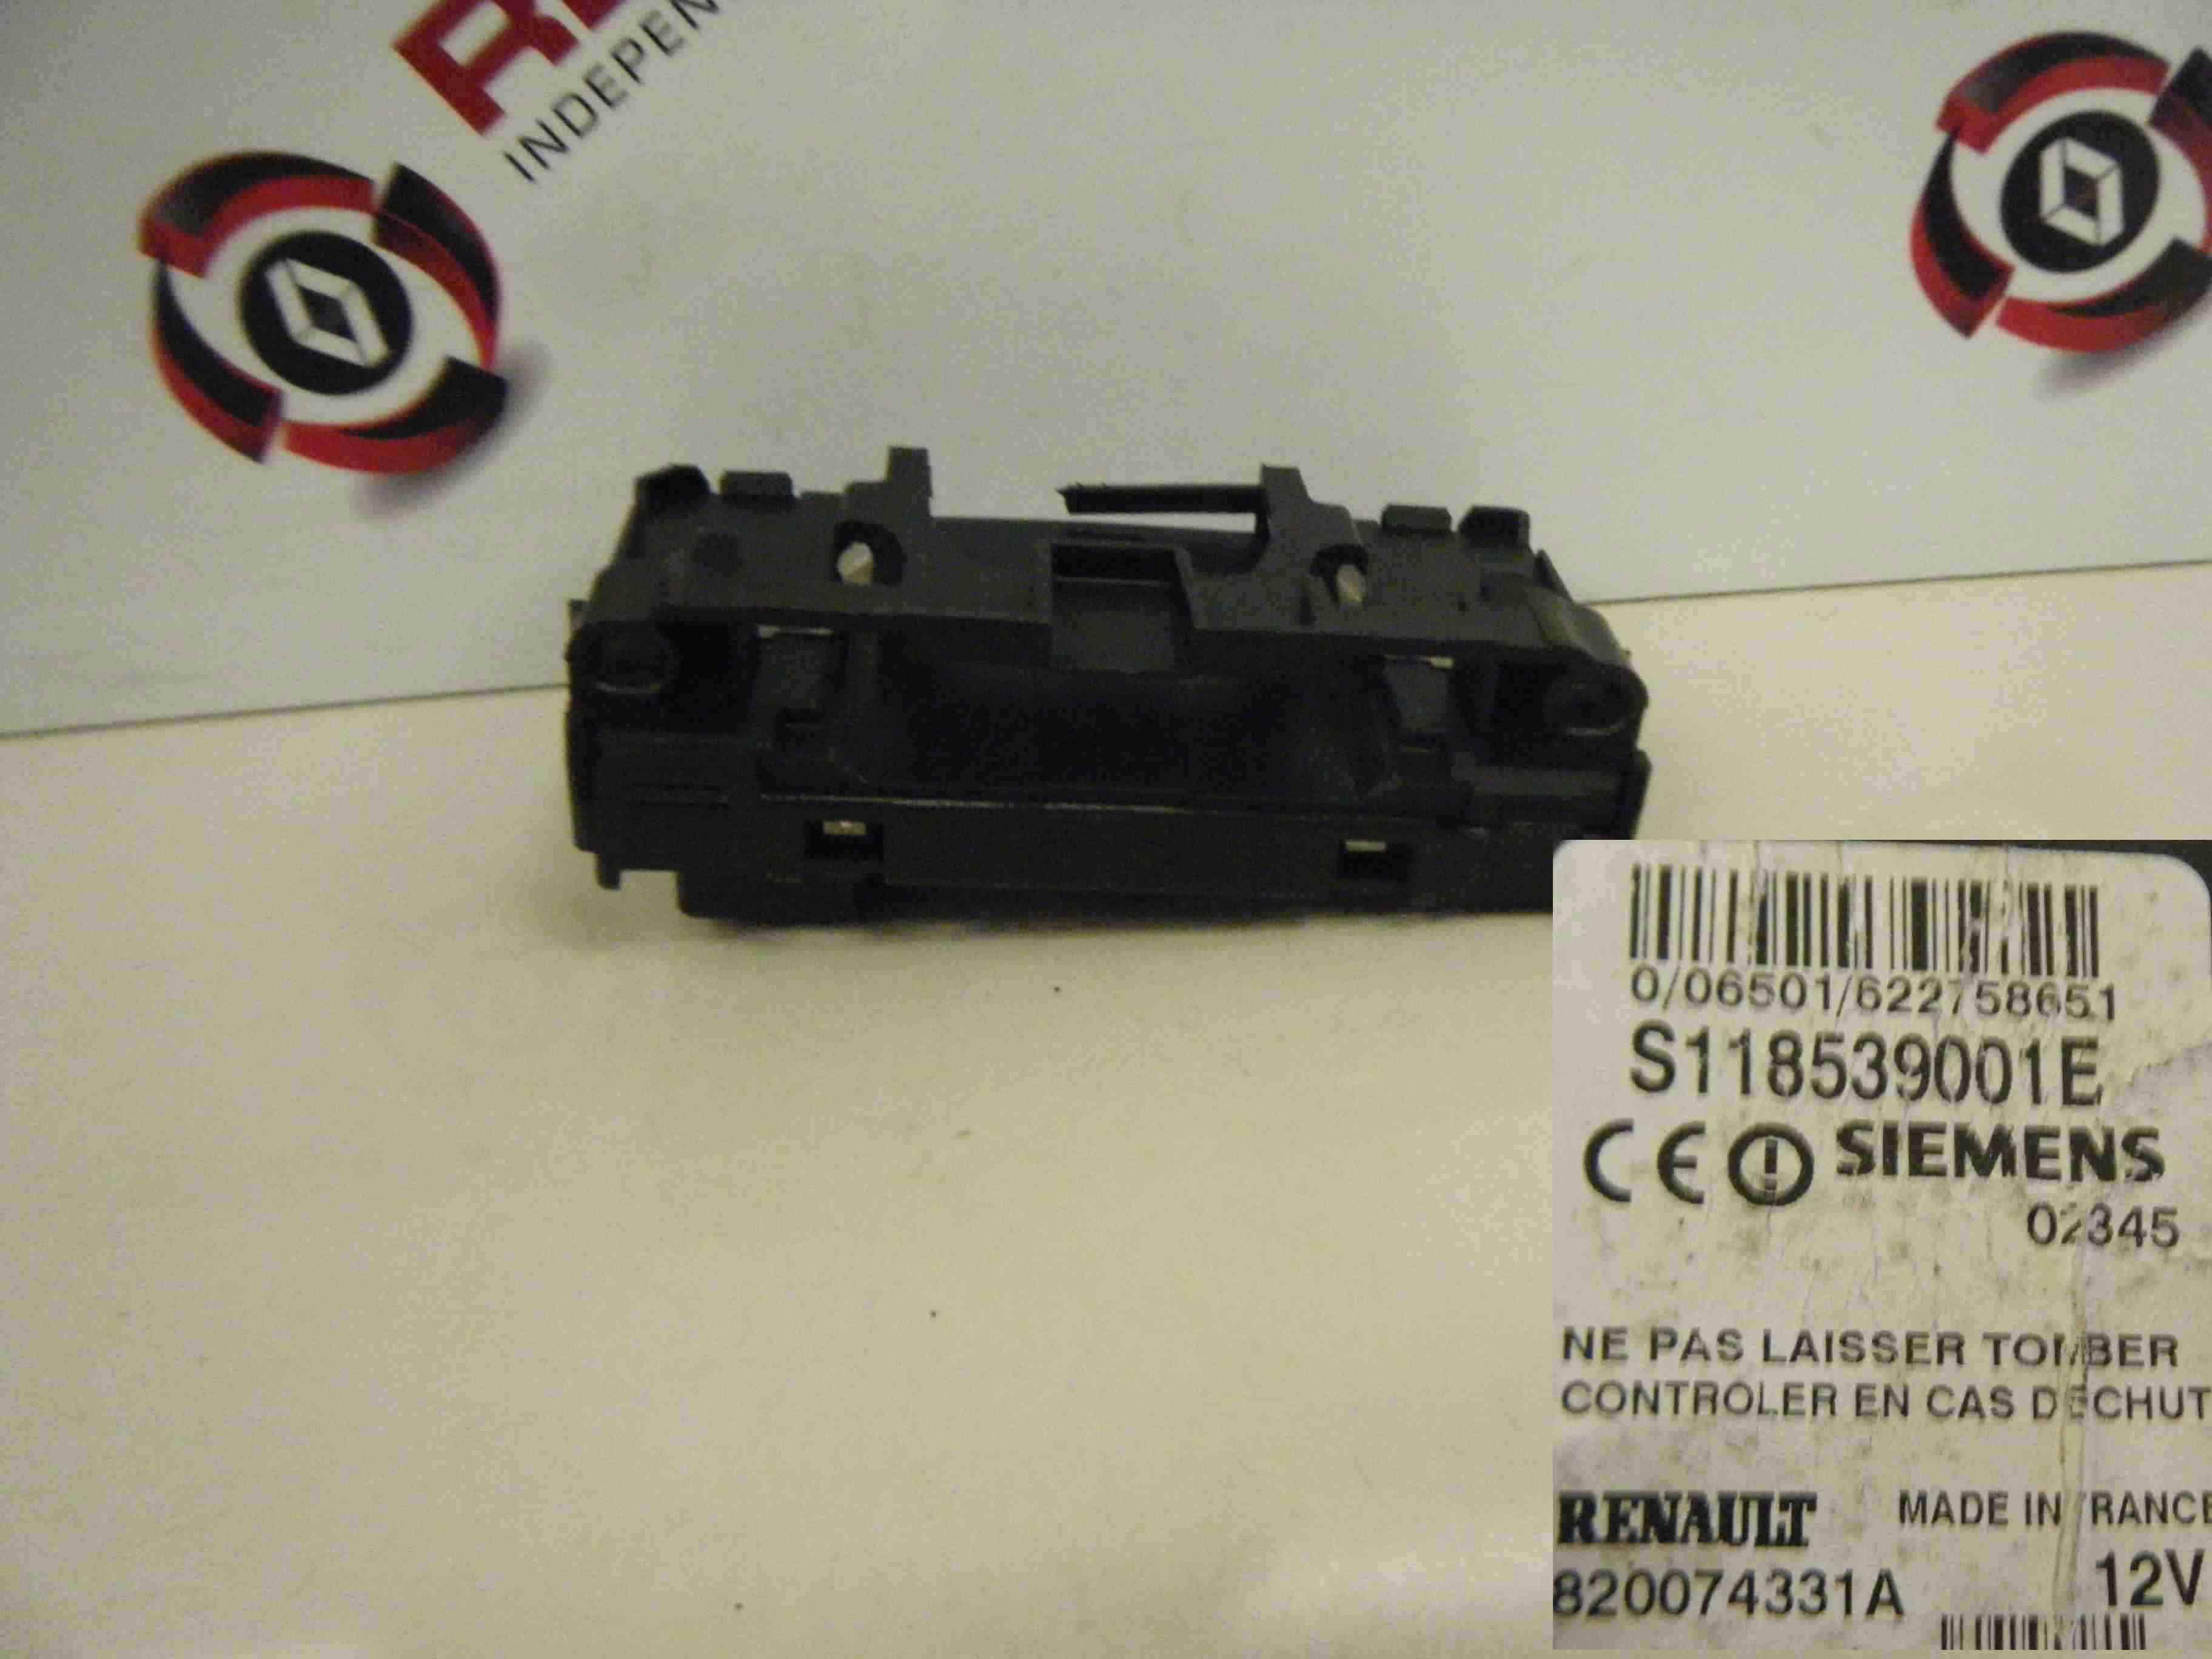 Renault Megane 2002-2008 Ignition Key Card Reader Transponder 820074331